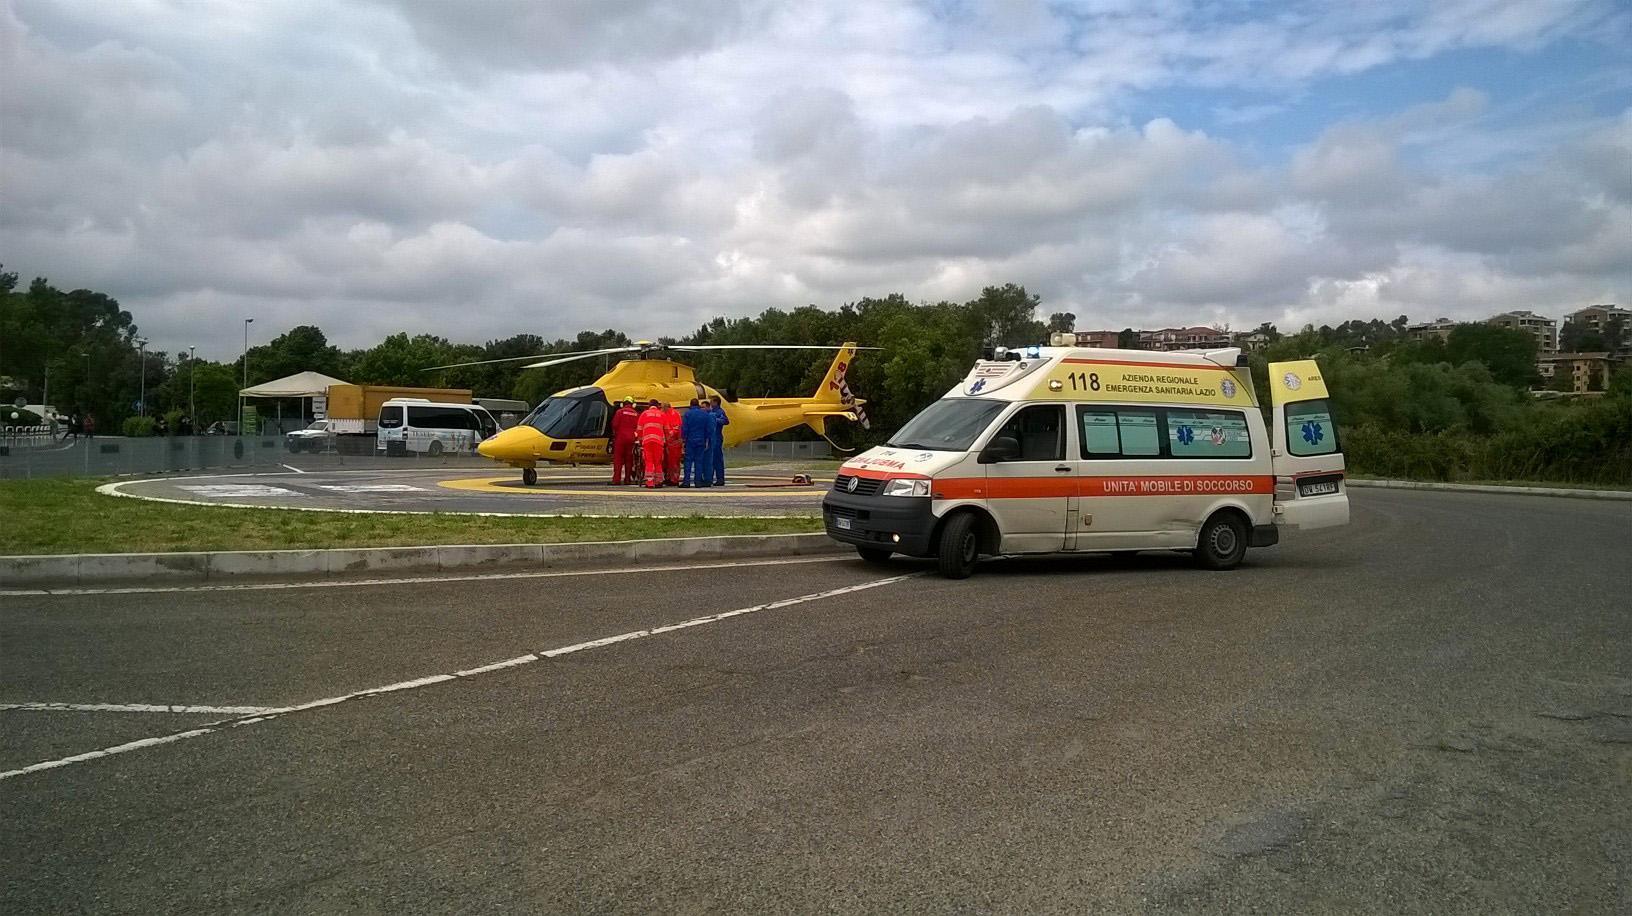 Auto cade da un viadotto: muoiono mamma e figlio di 4 anni